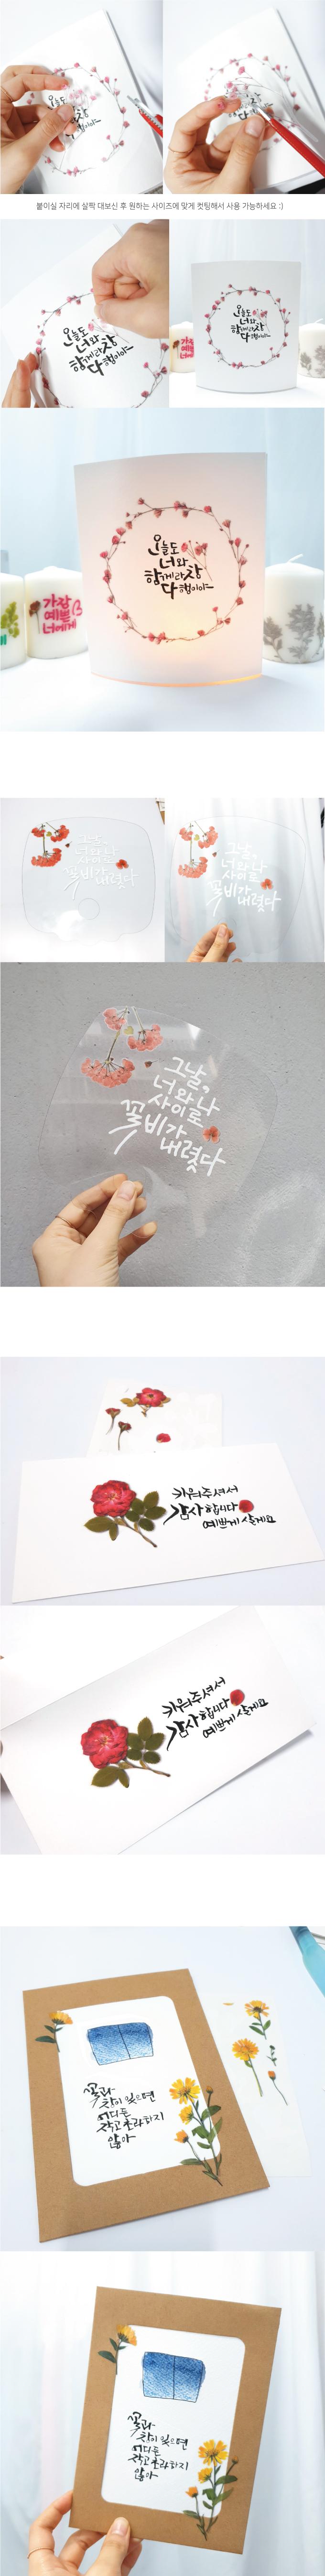 신상 어프리 압화 스티커-다이어리꾸미기 꽃 다꾸2,100원-기쁨기업디자인문구, 데코레이션, 스티커, 압화스티커바보사랑신상 어프리 압화 스티커-다이어리꾸미기 꽃 다꾸2,100원-기쁨기업디자인문구, 데코레이션, 스티커, 압화스티커바보사랑